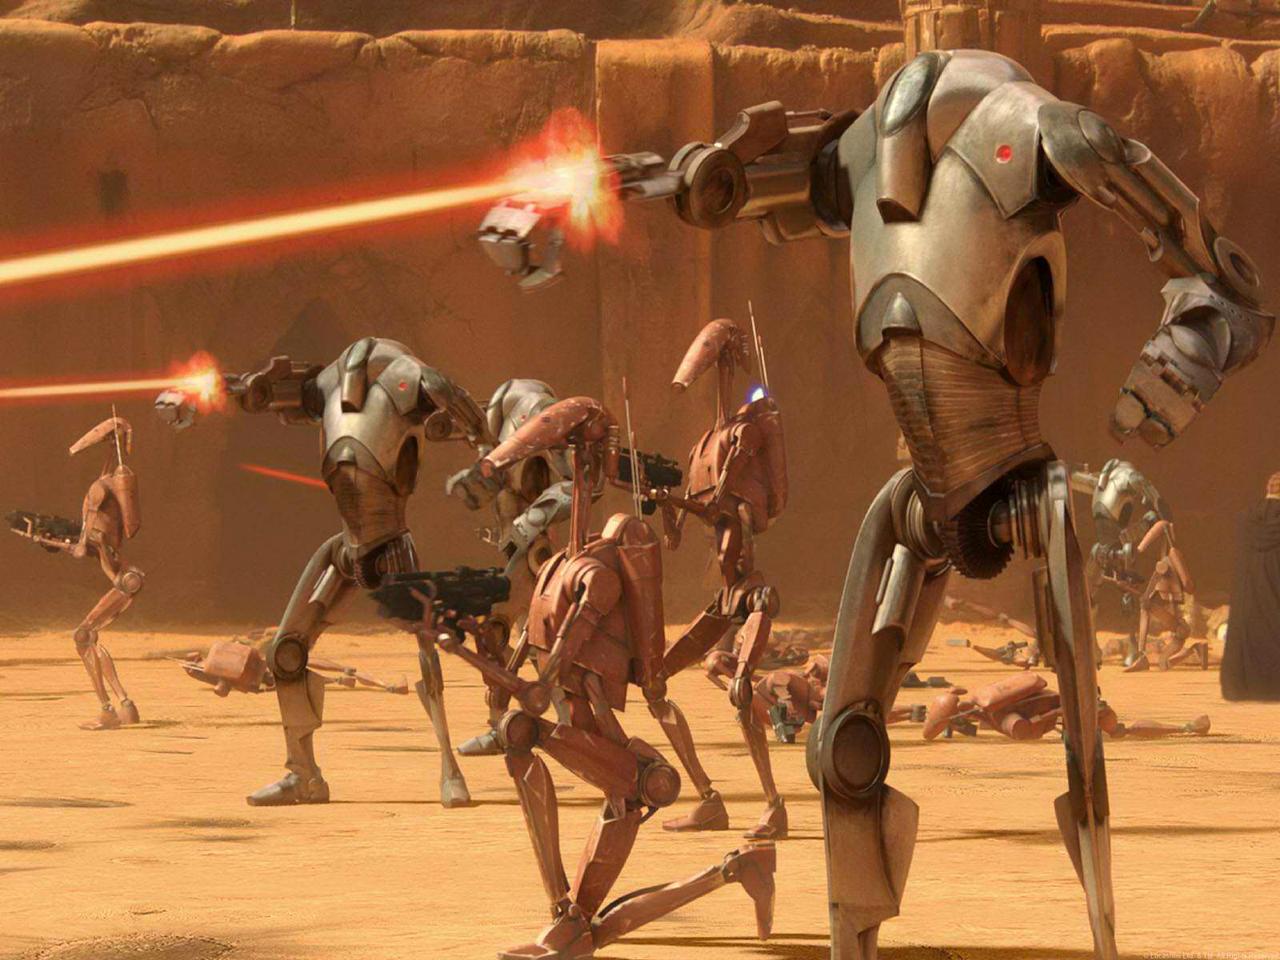 Αρχείο:Battle droids on Geonosis.jpg